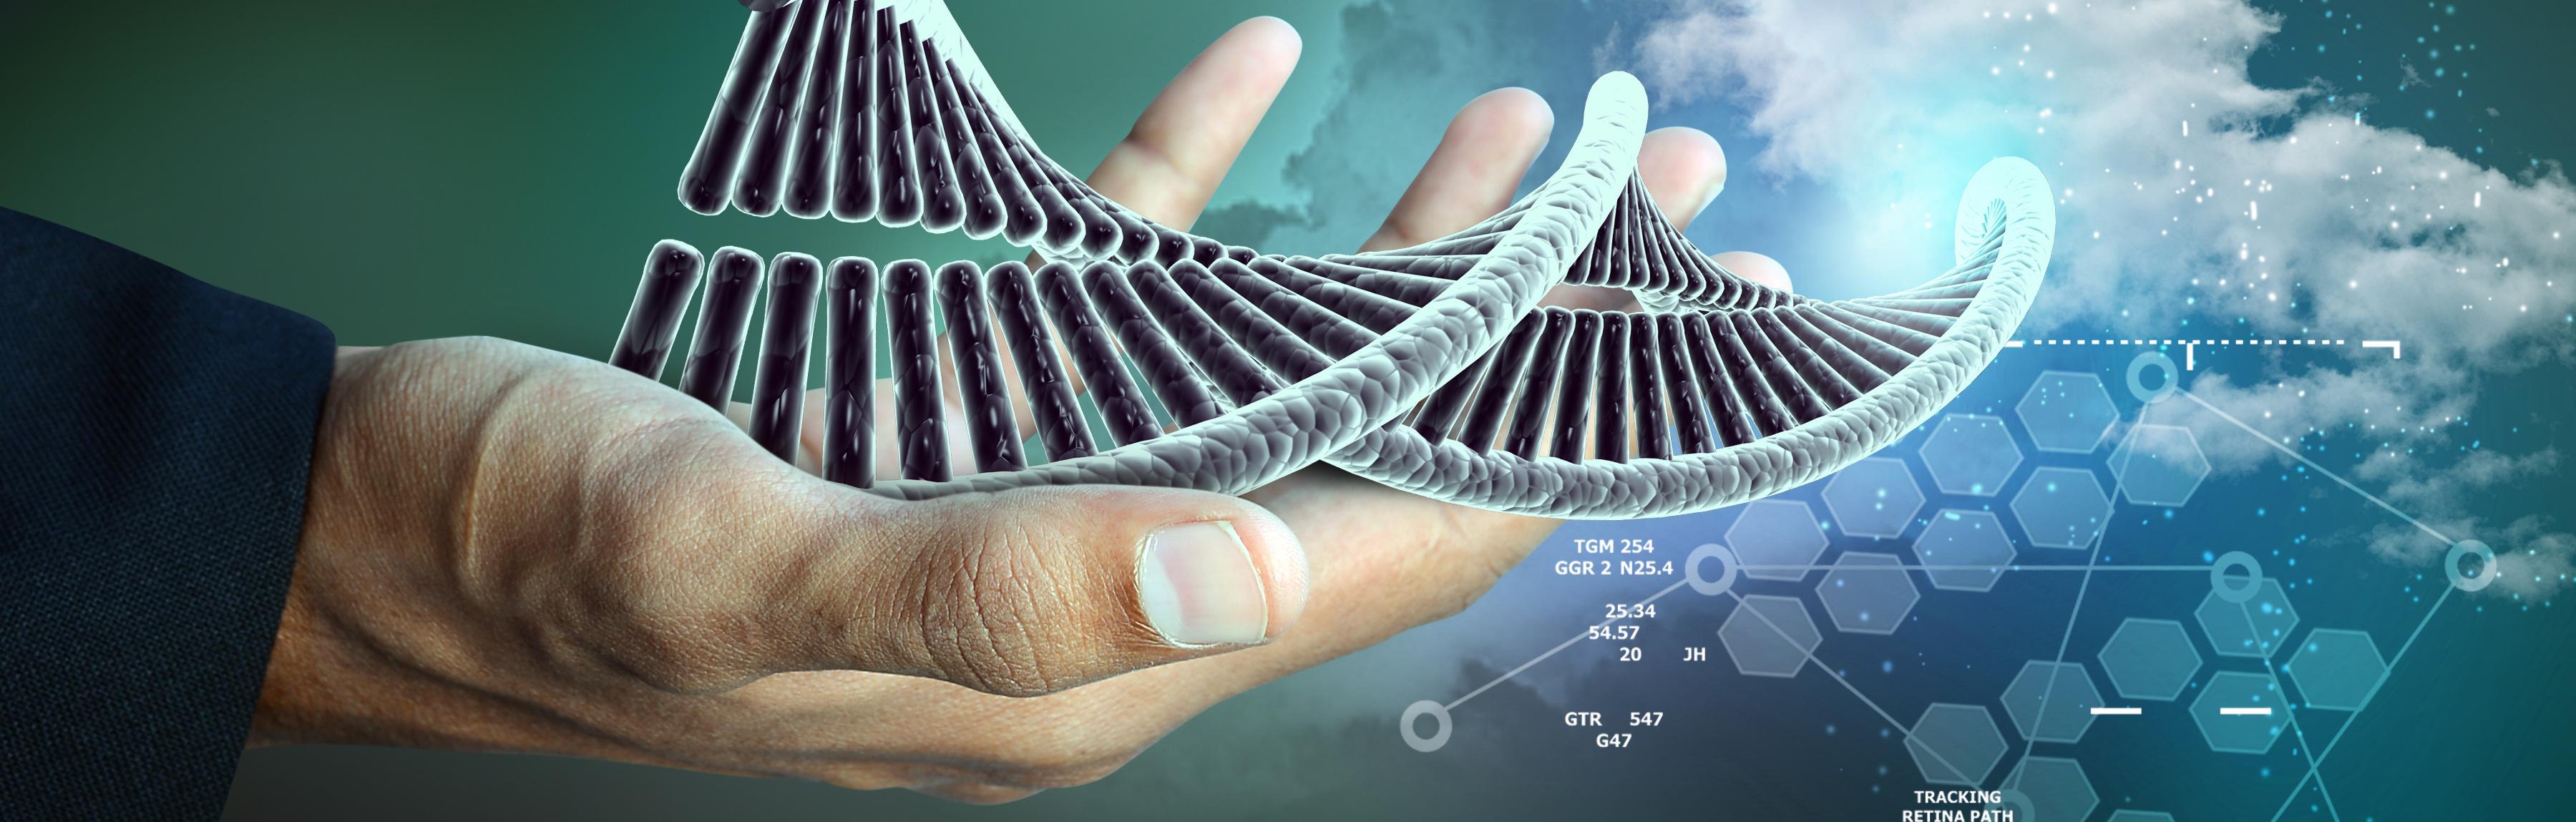 genetic-banner